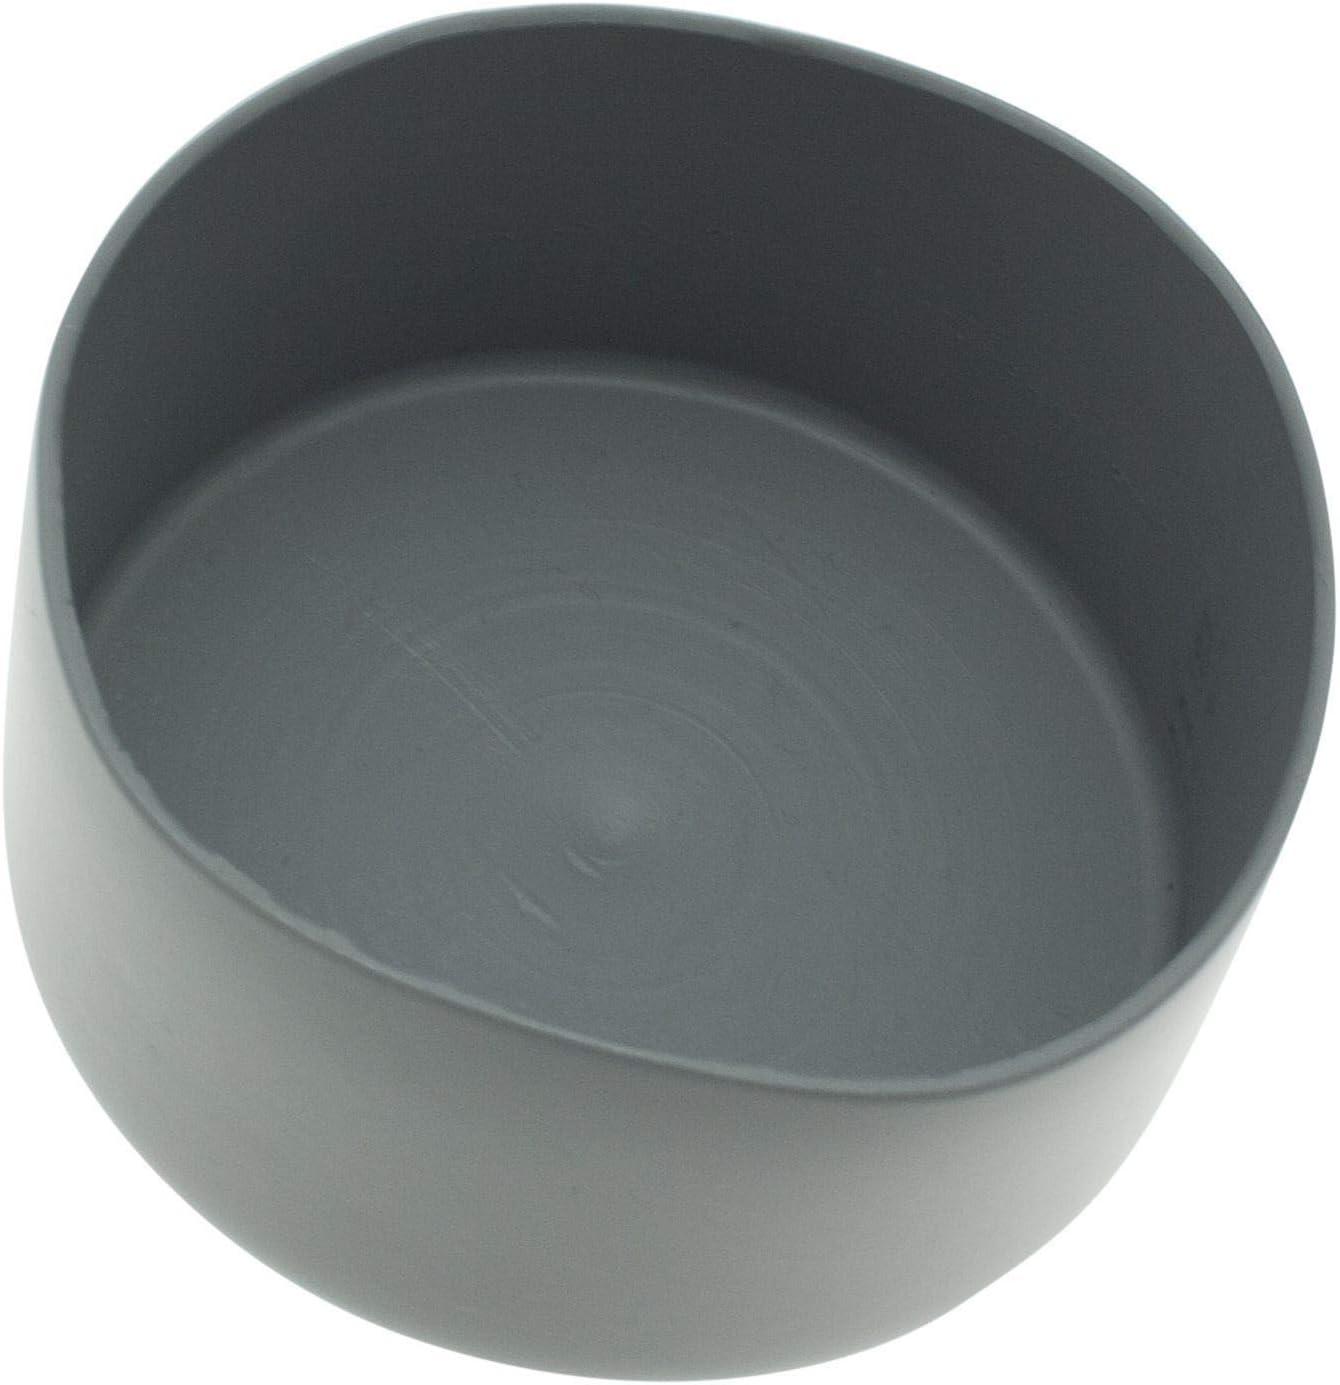 color gris tapas de cubierta Paquete de 5 tapas de PVC para postes tapa de poste LDPE tapa de acabado tapa de extremo tapas de poste